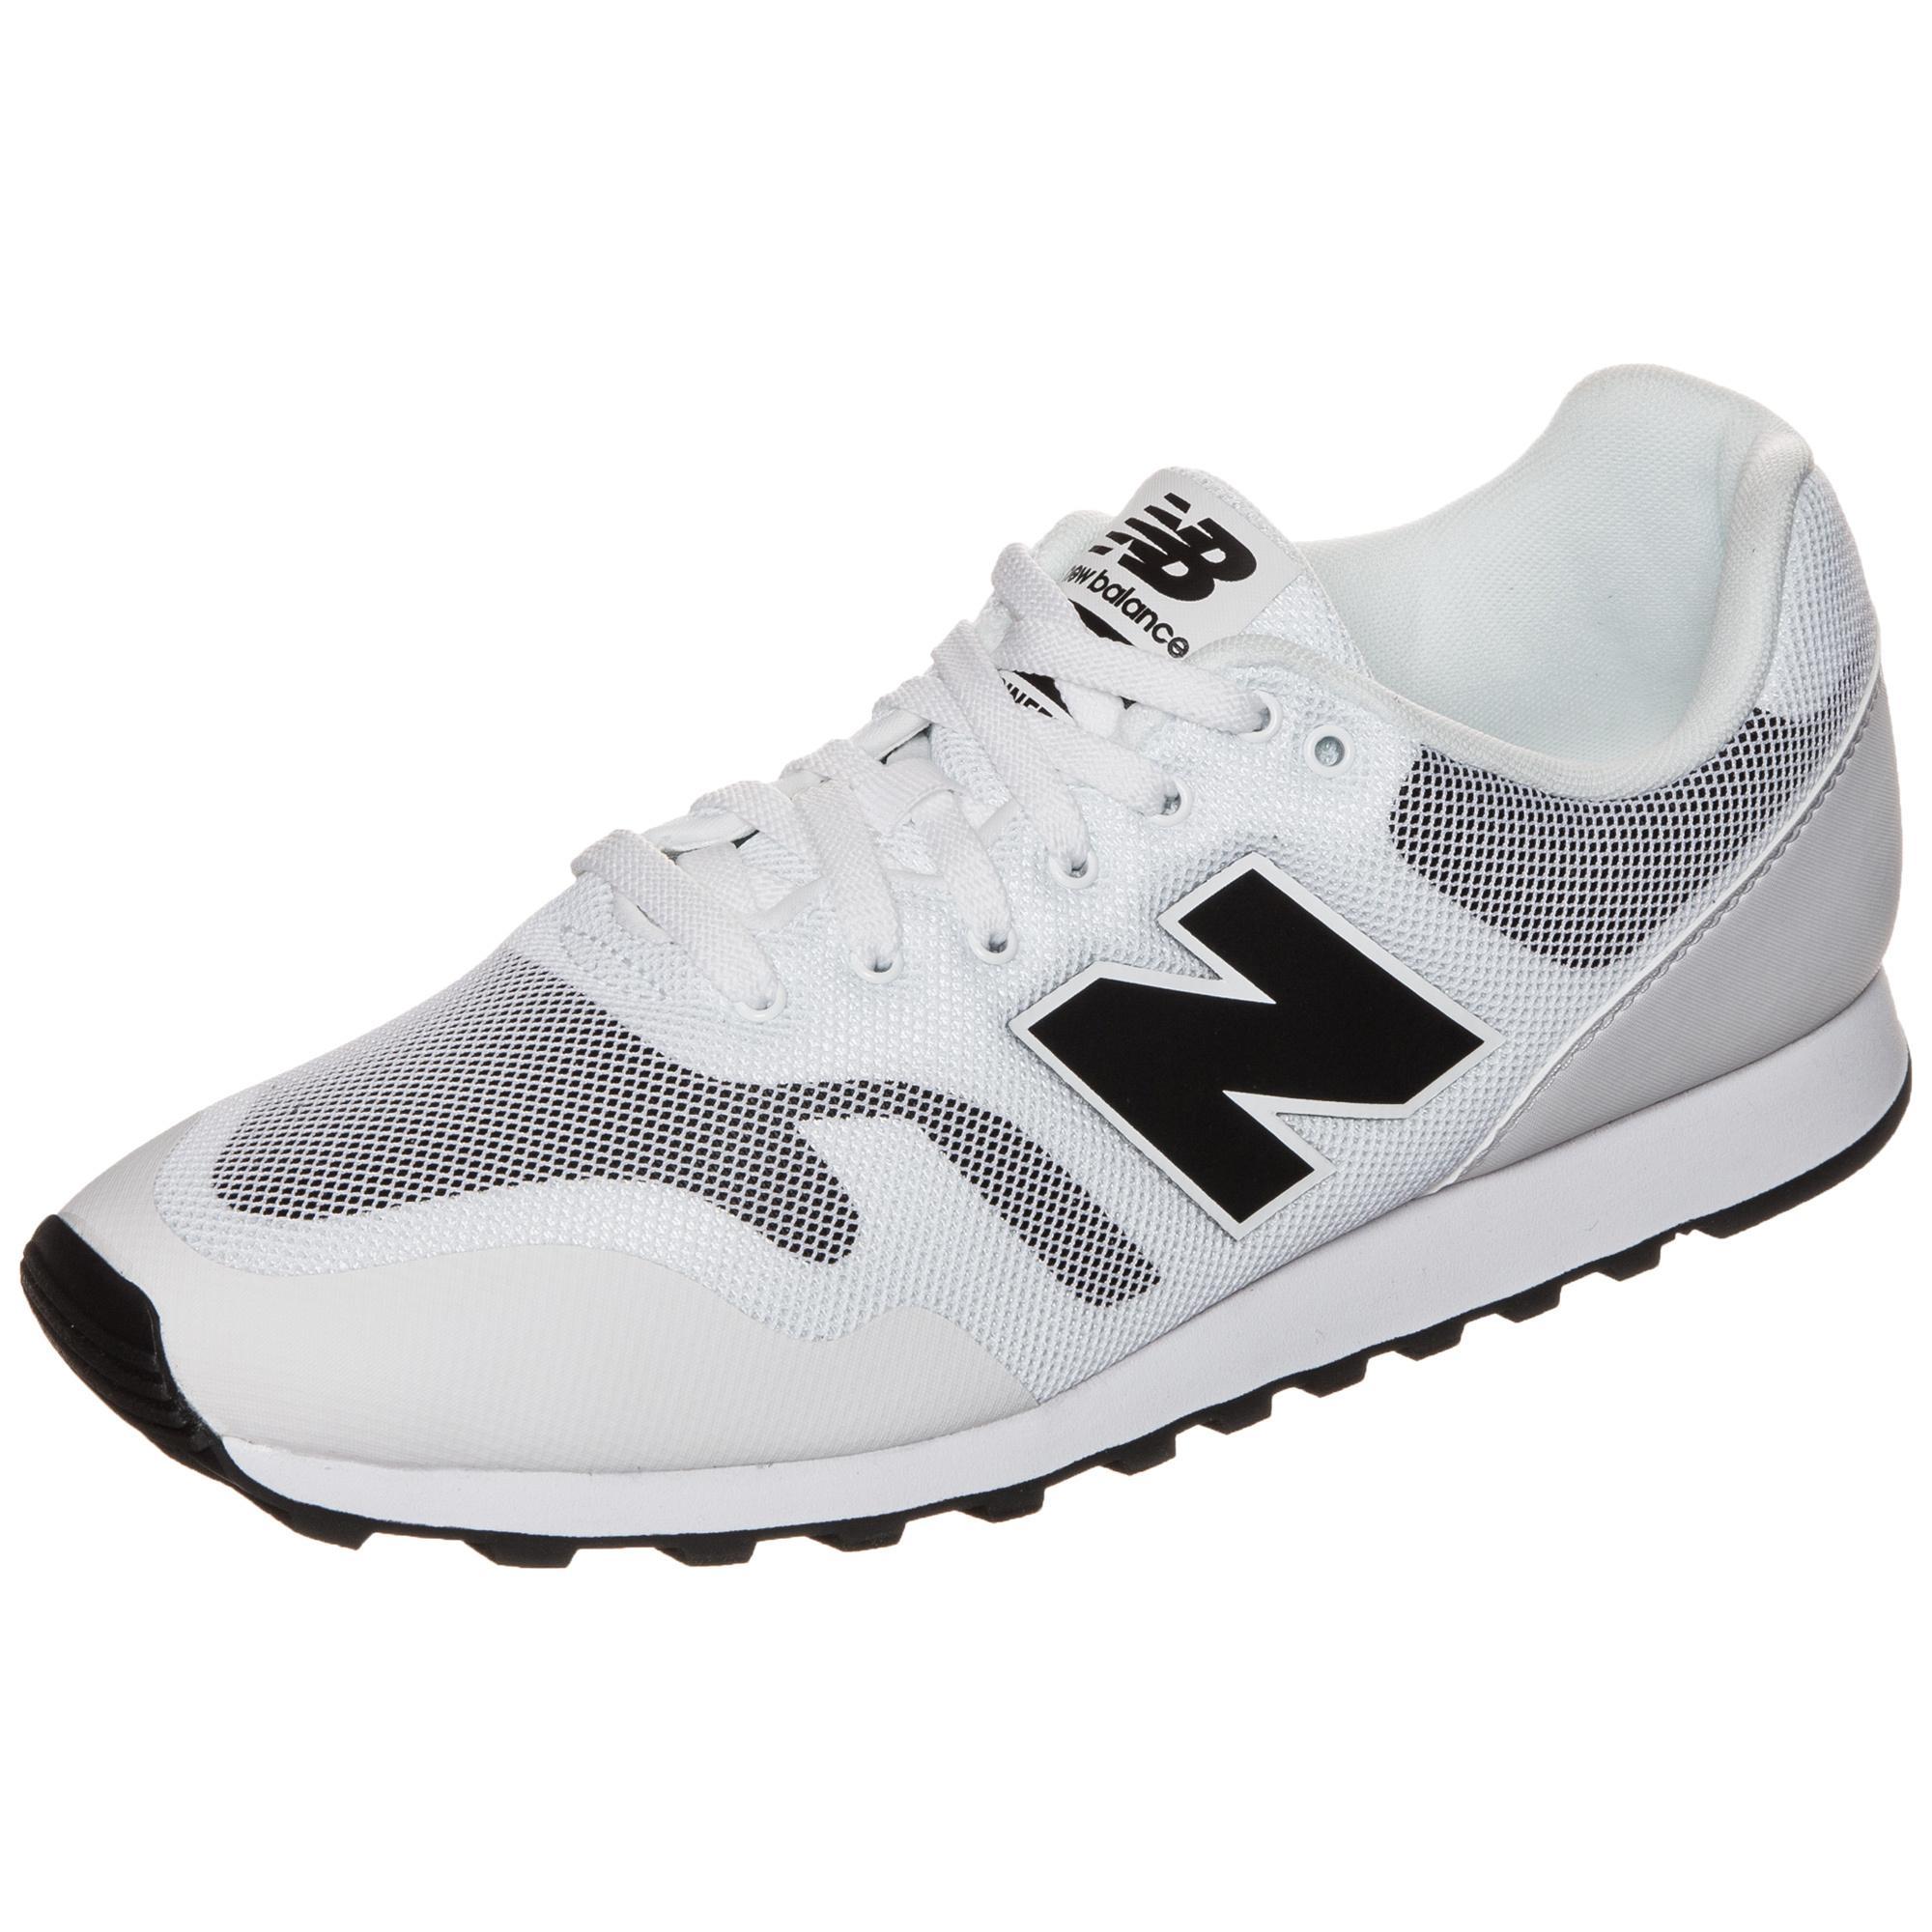 san francisco 35cc2 e8072 NEW BALANCE MD373-WG-D Sneaker Herren weiß / schwarz im Online Shop von  SportScheck kaufen